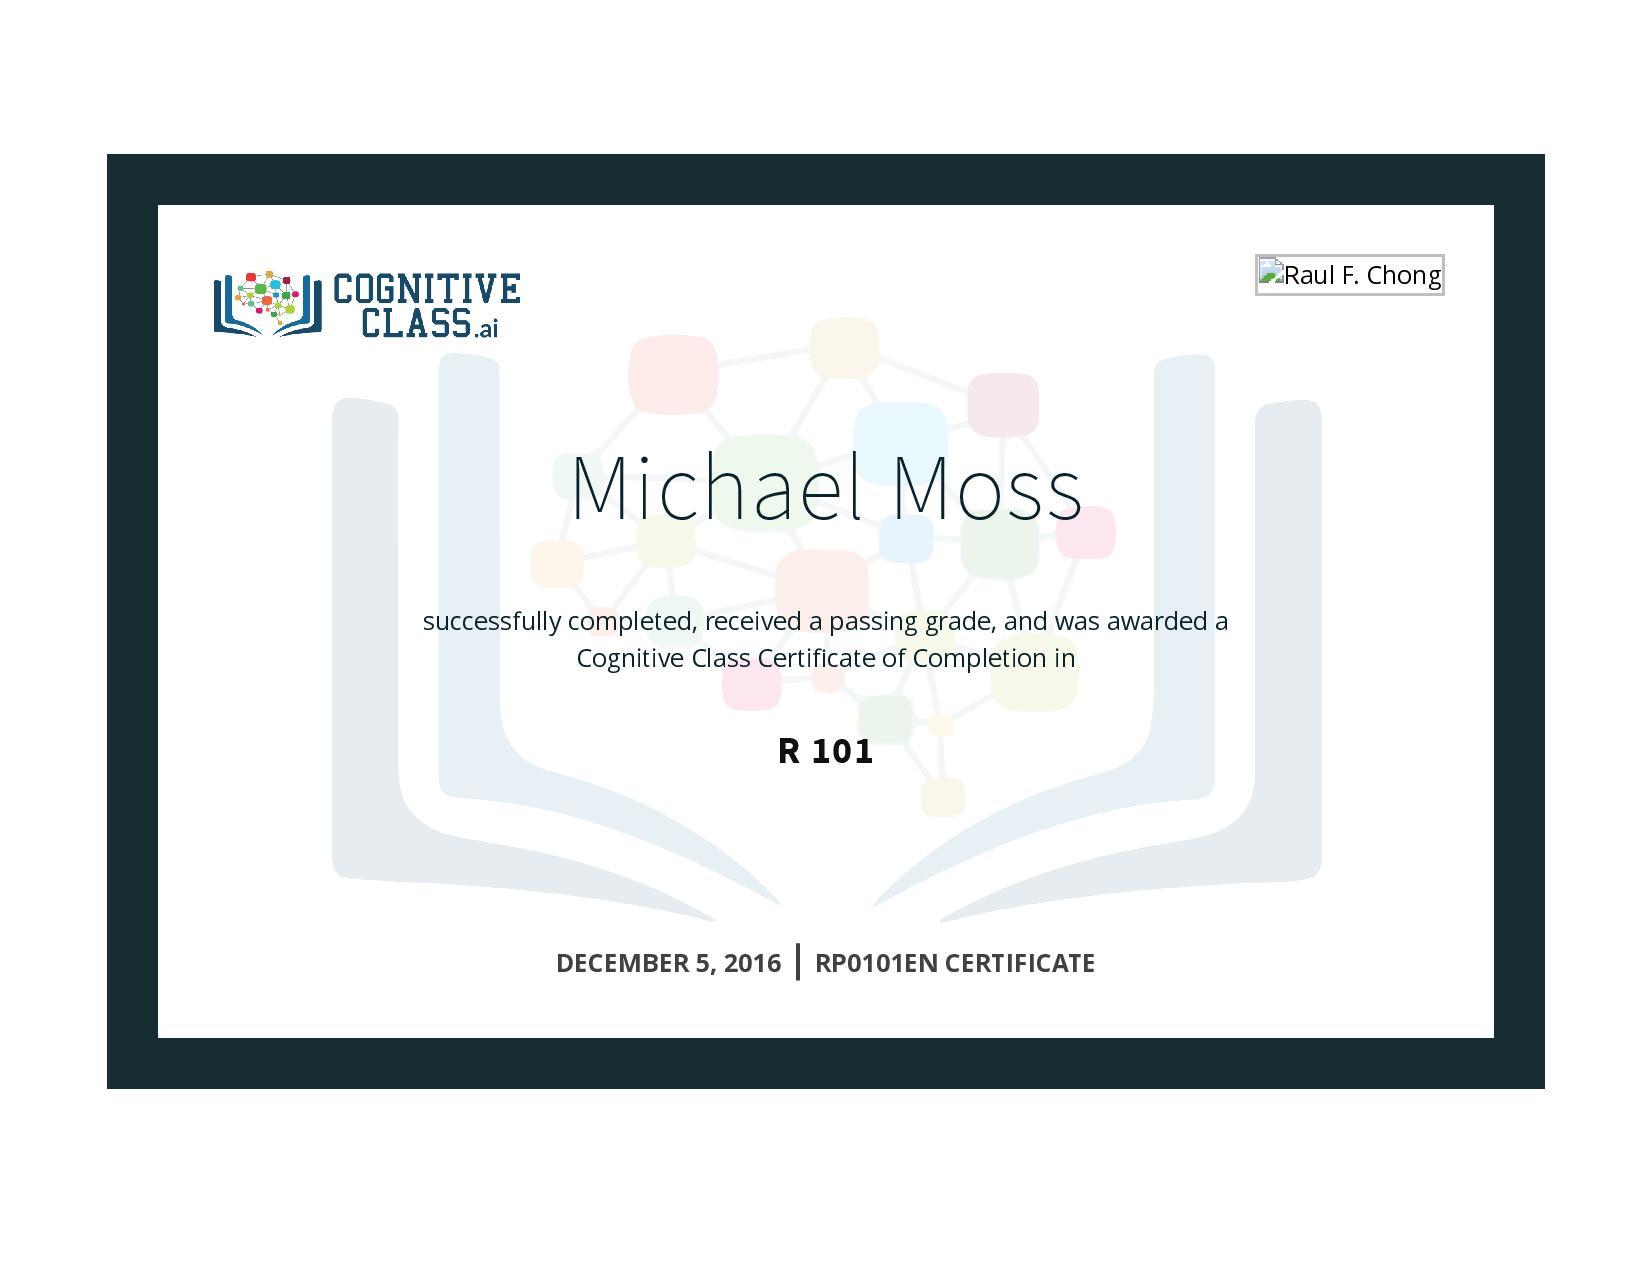 R 101 Certificate